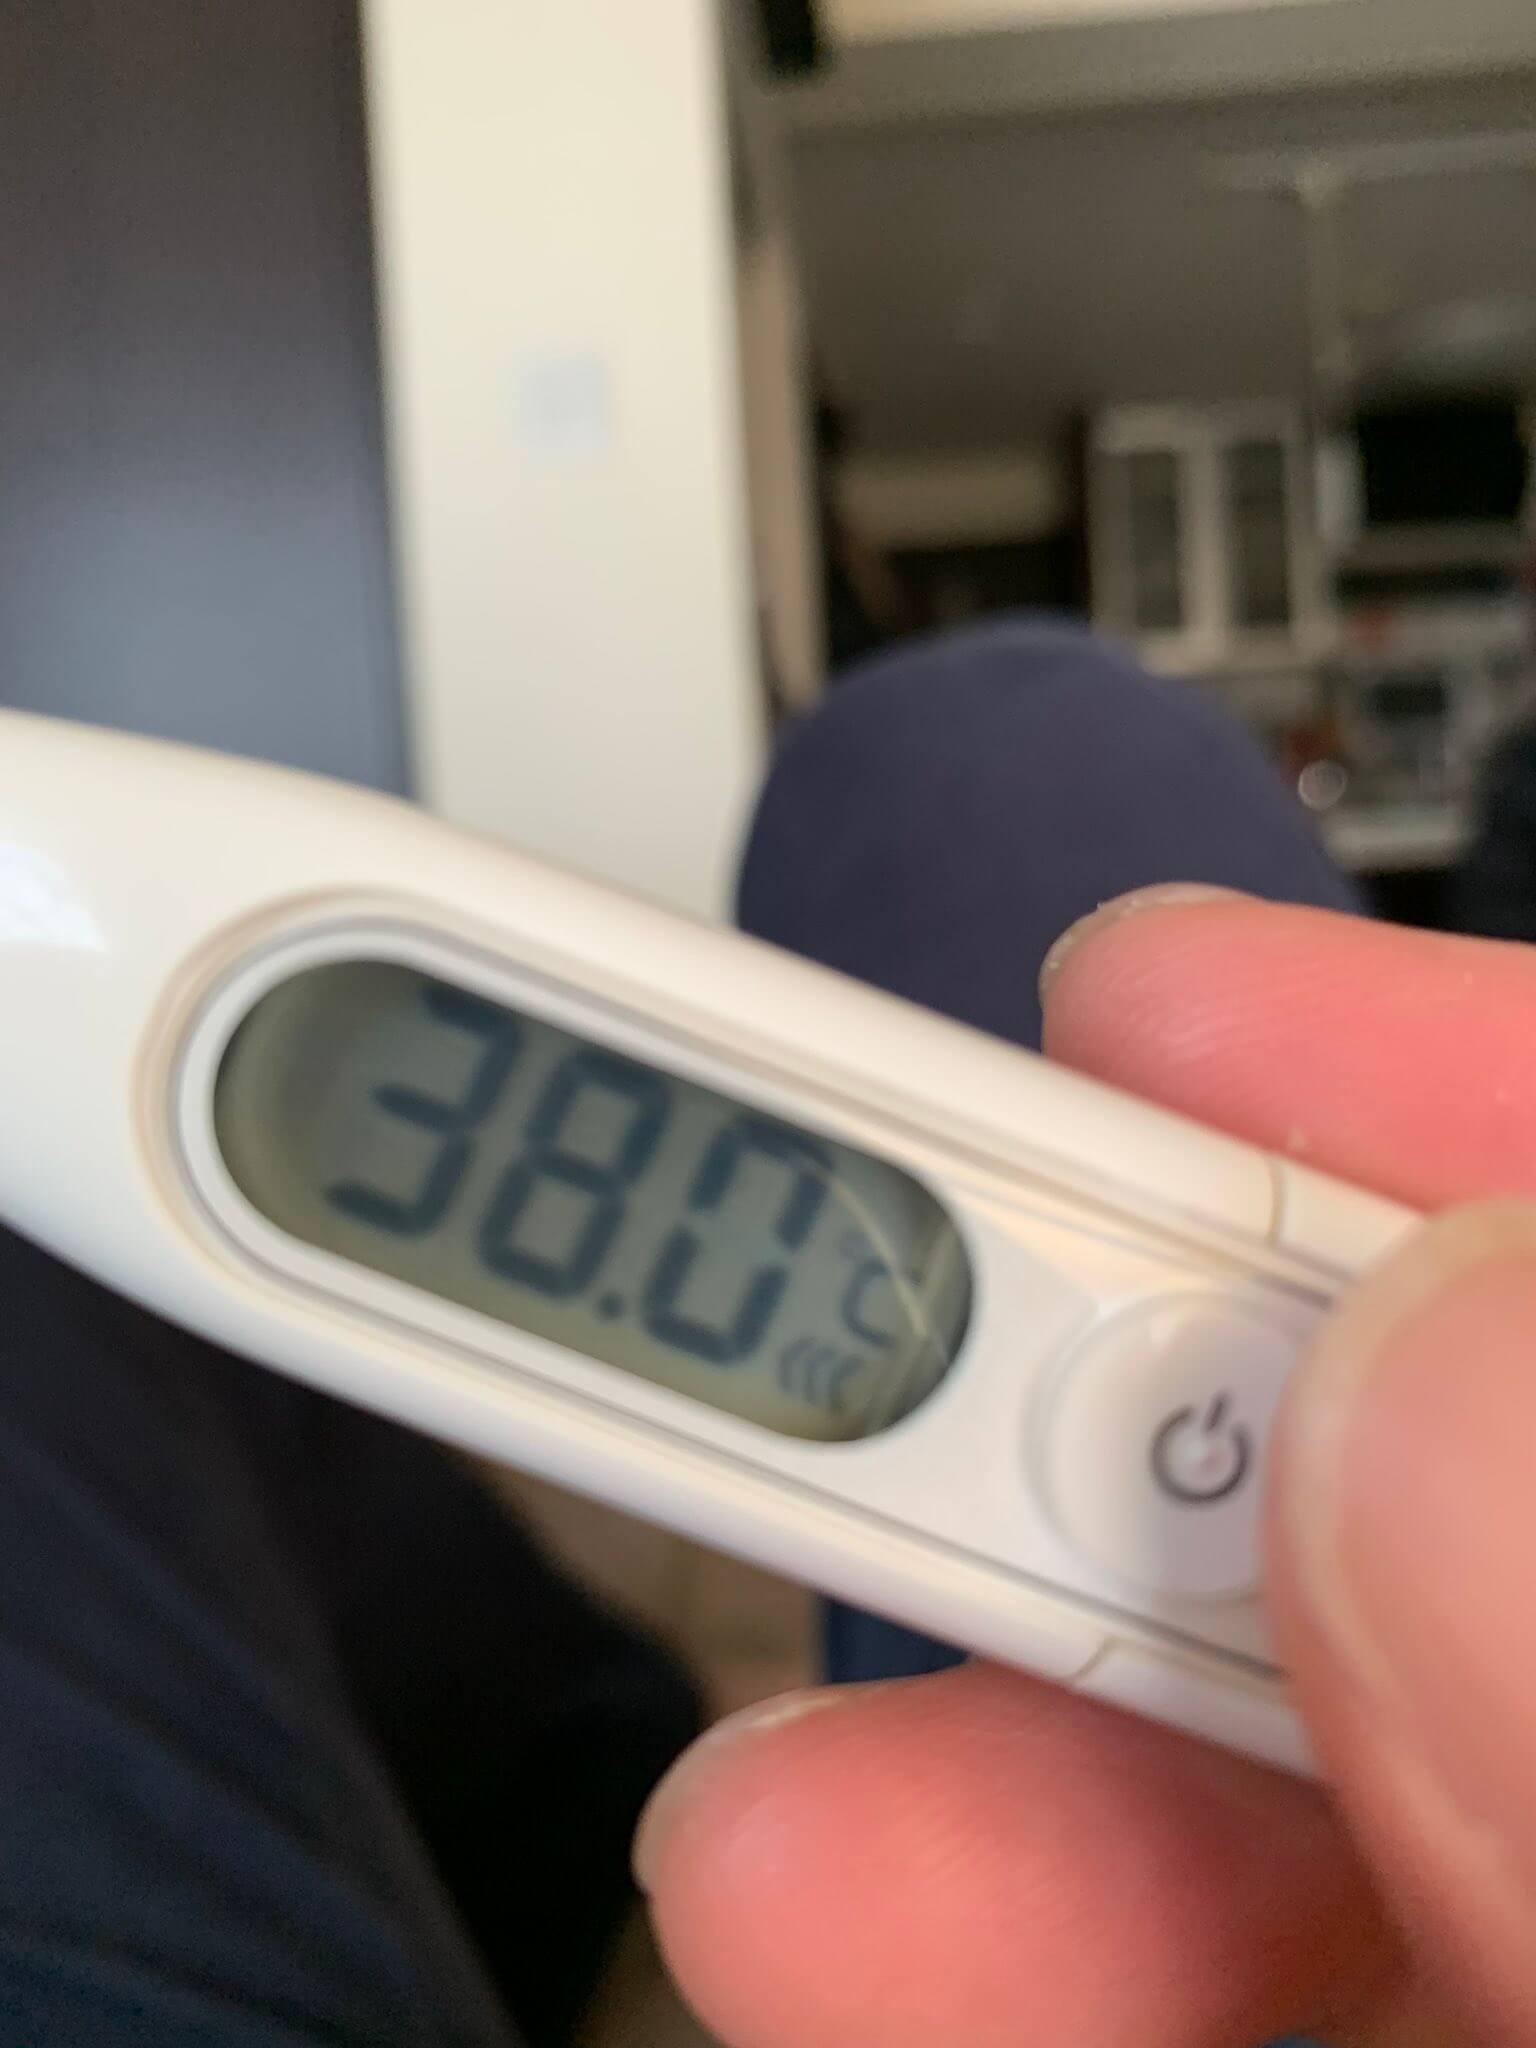 38度の熱を出した